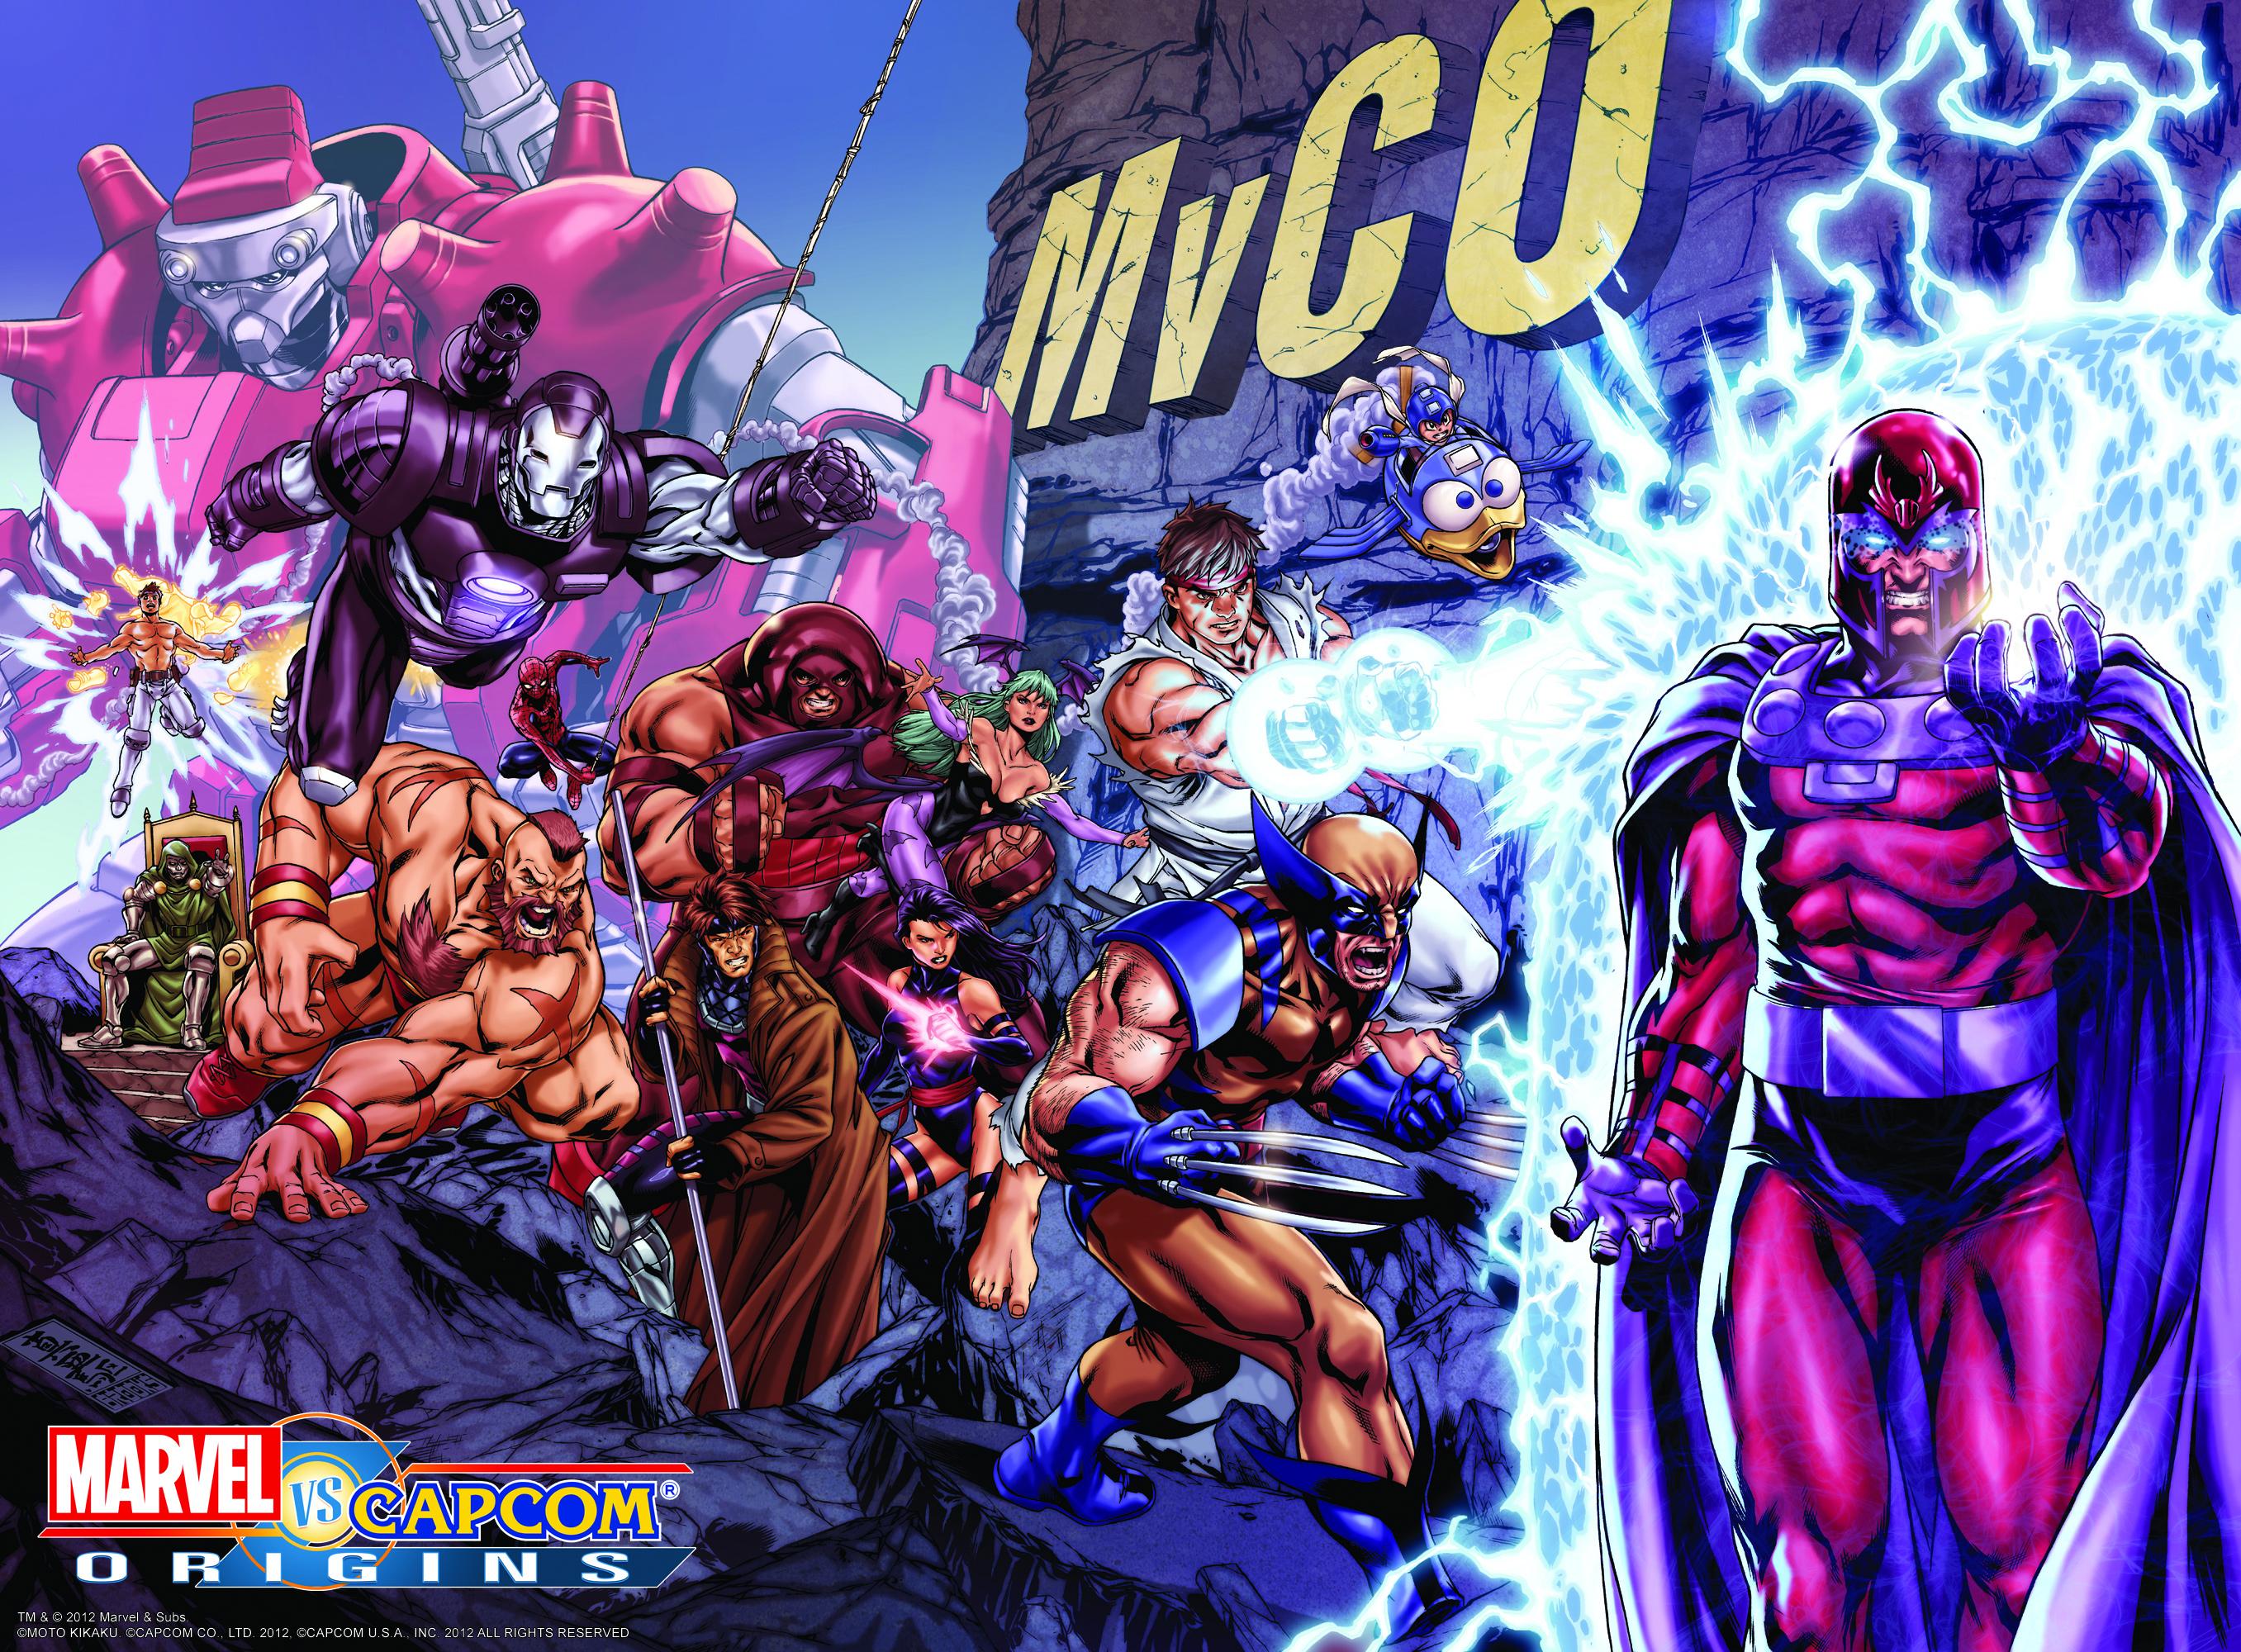 Marvel vs. Capcom Origins artwork from Marc Brooks #01